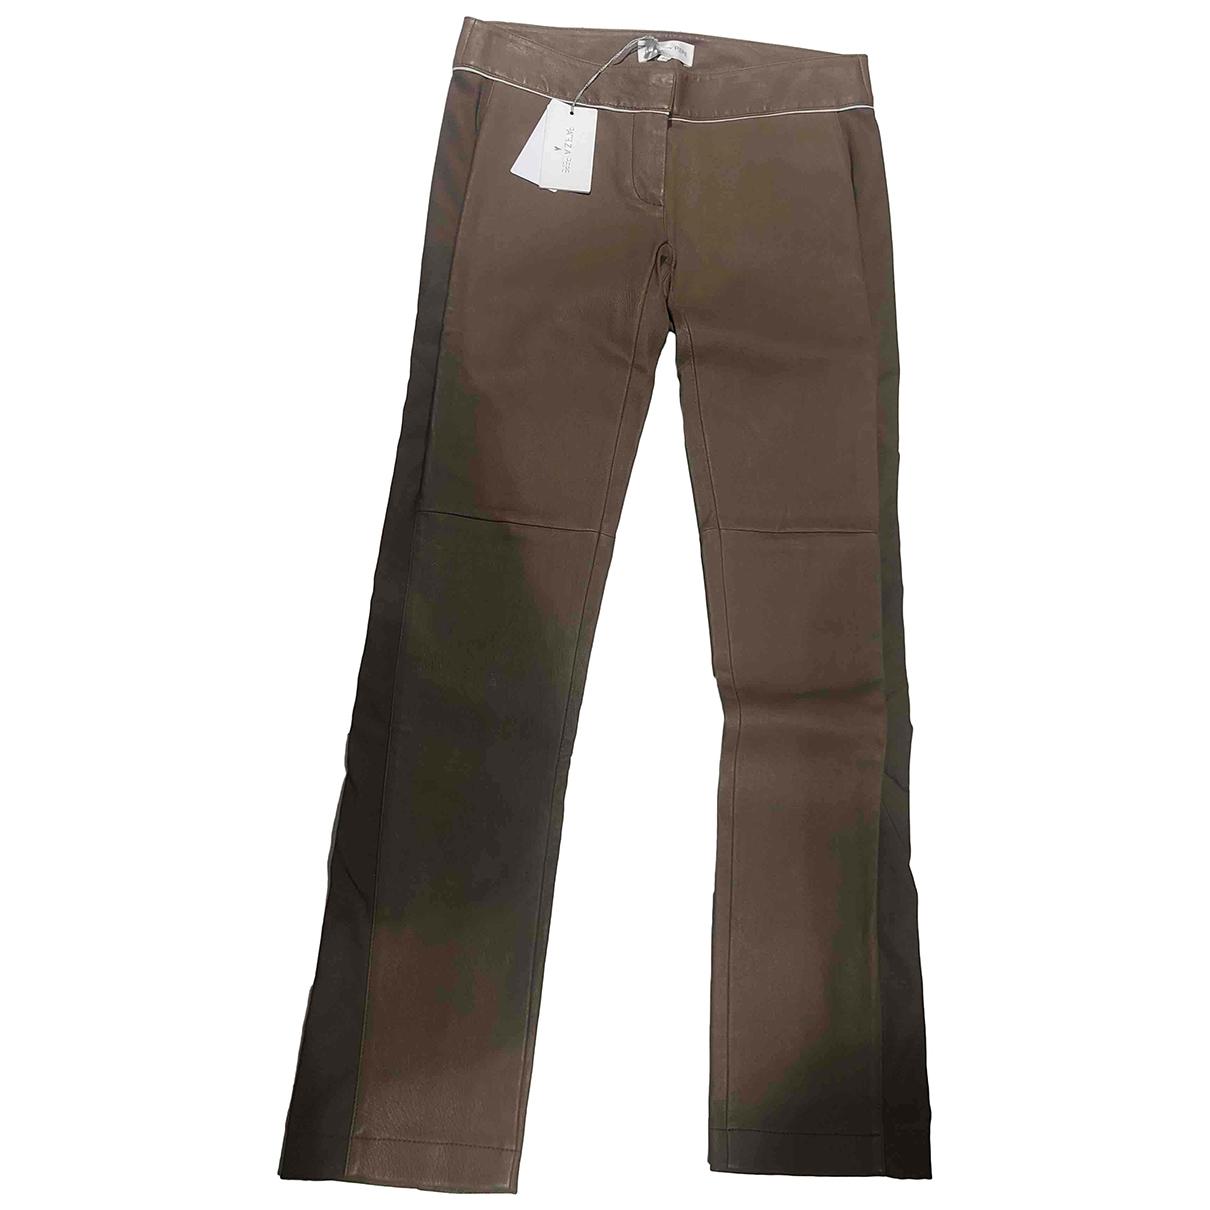 Pantalon de Cuero Patrizia Pepe